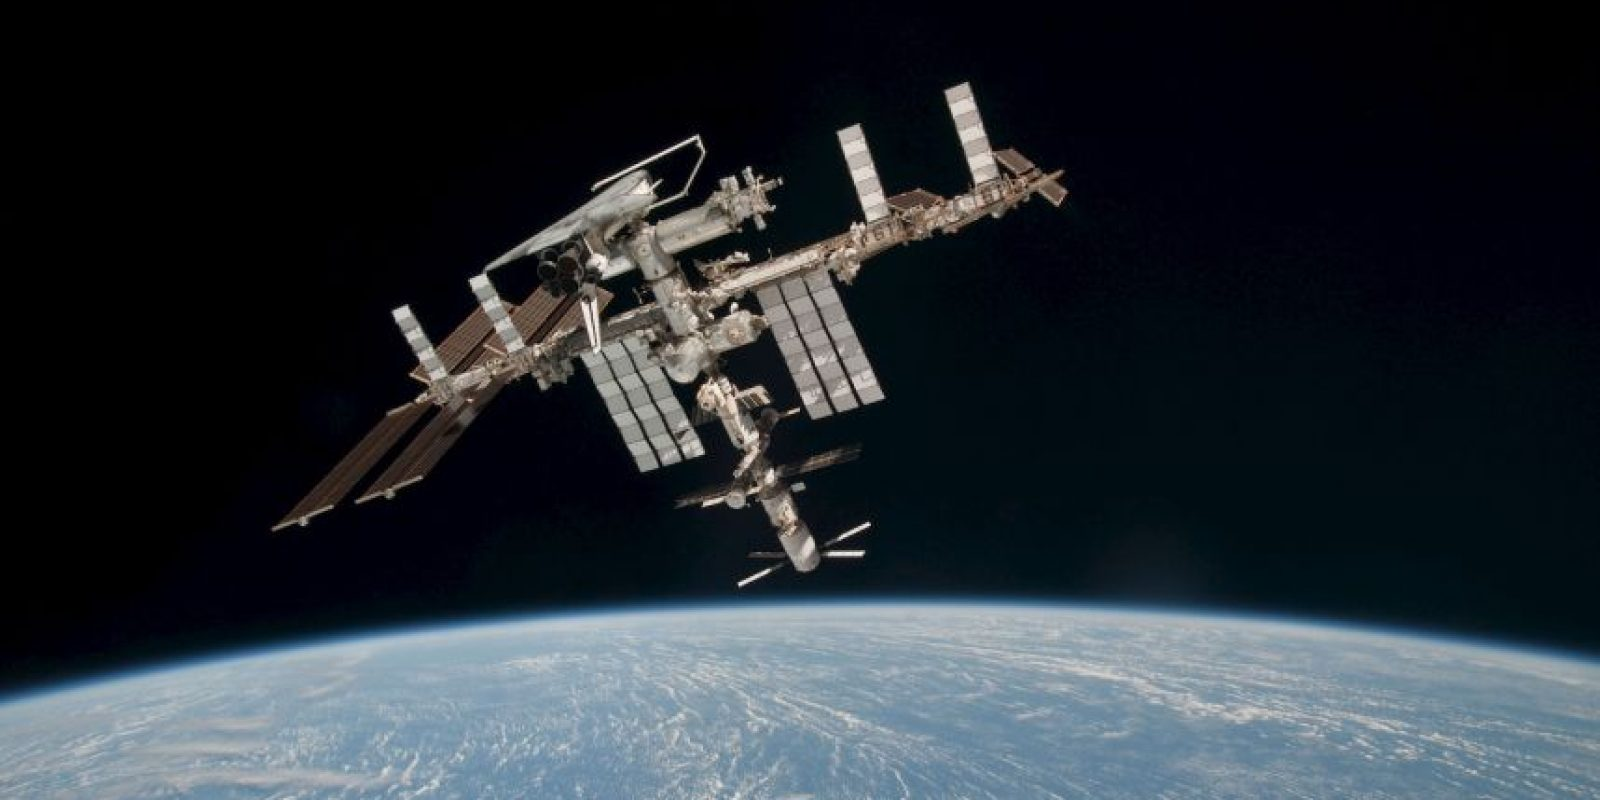 7. Originario de Rusia, Anatoly Solovyev es el cosmonauta con más caminatas espaciales: 18. Foto:Getty Images